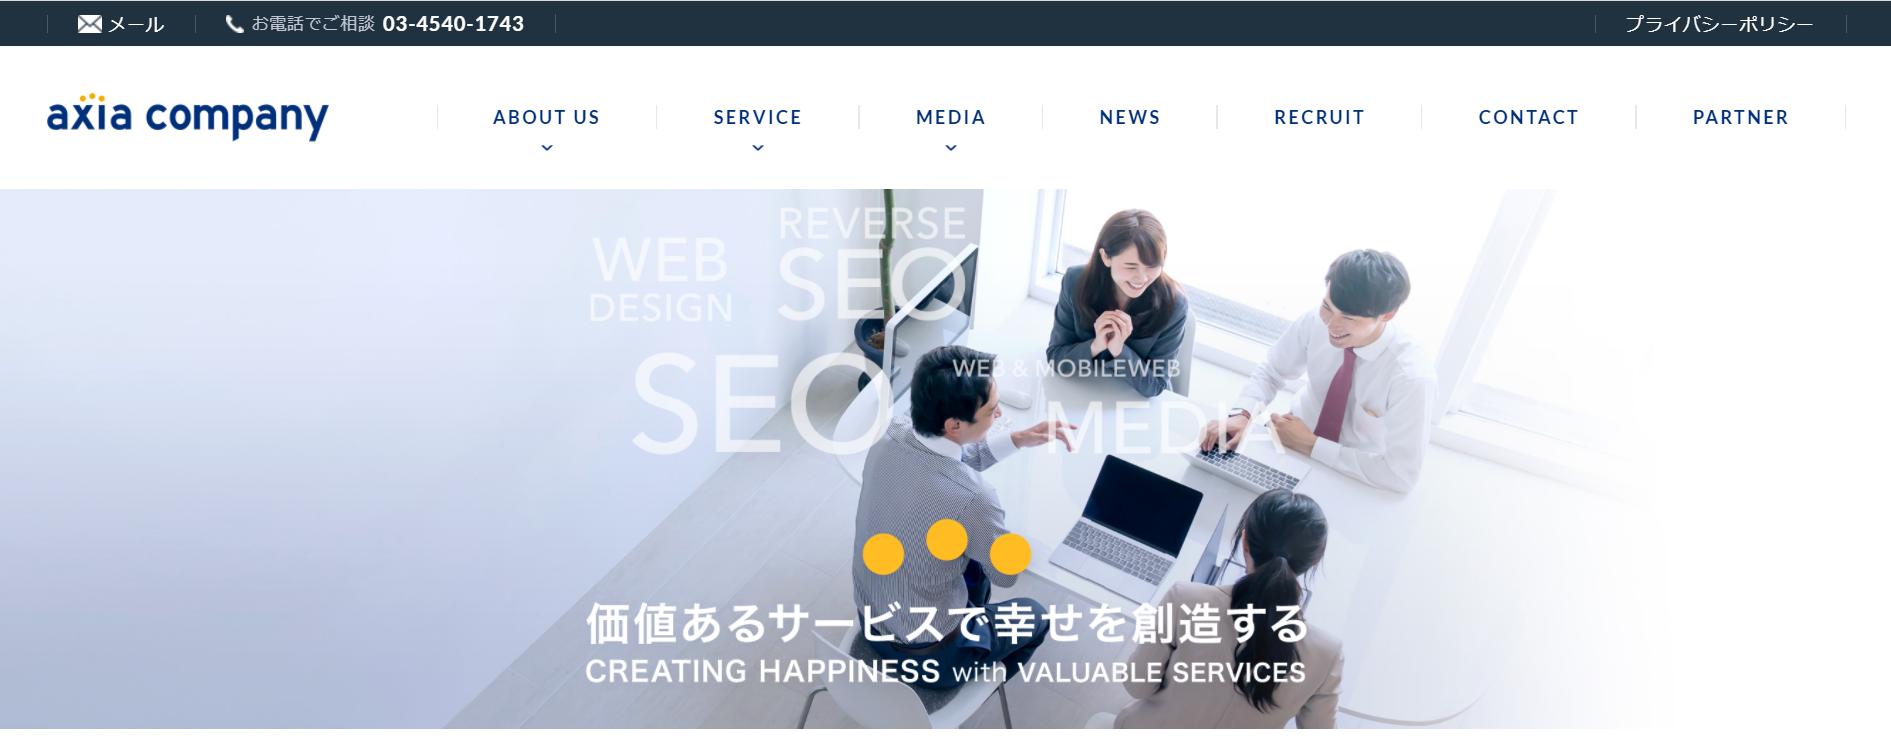 船水雄太選手とアクシアカンパニーのオフィシャルメディア契約